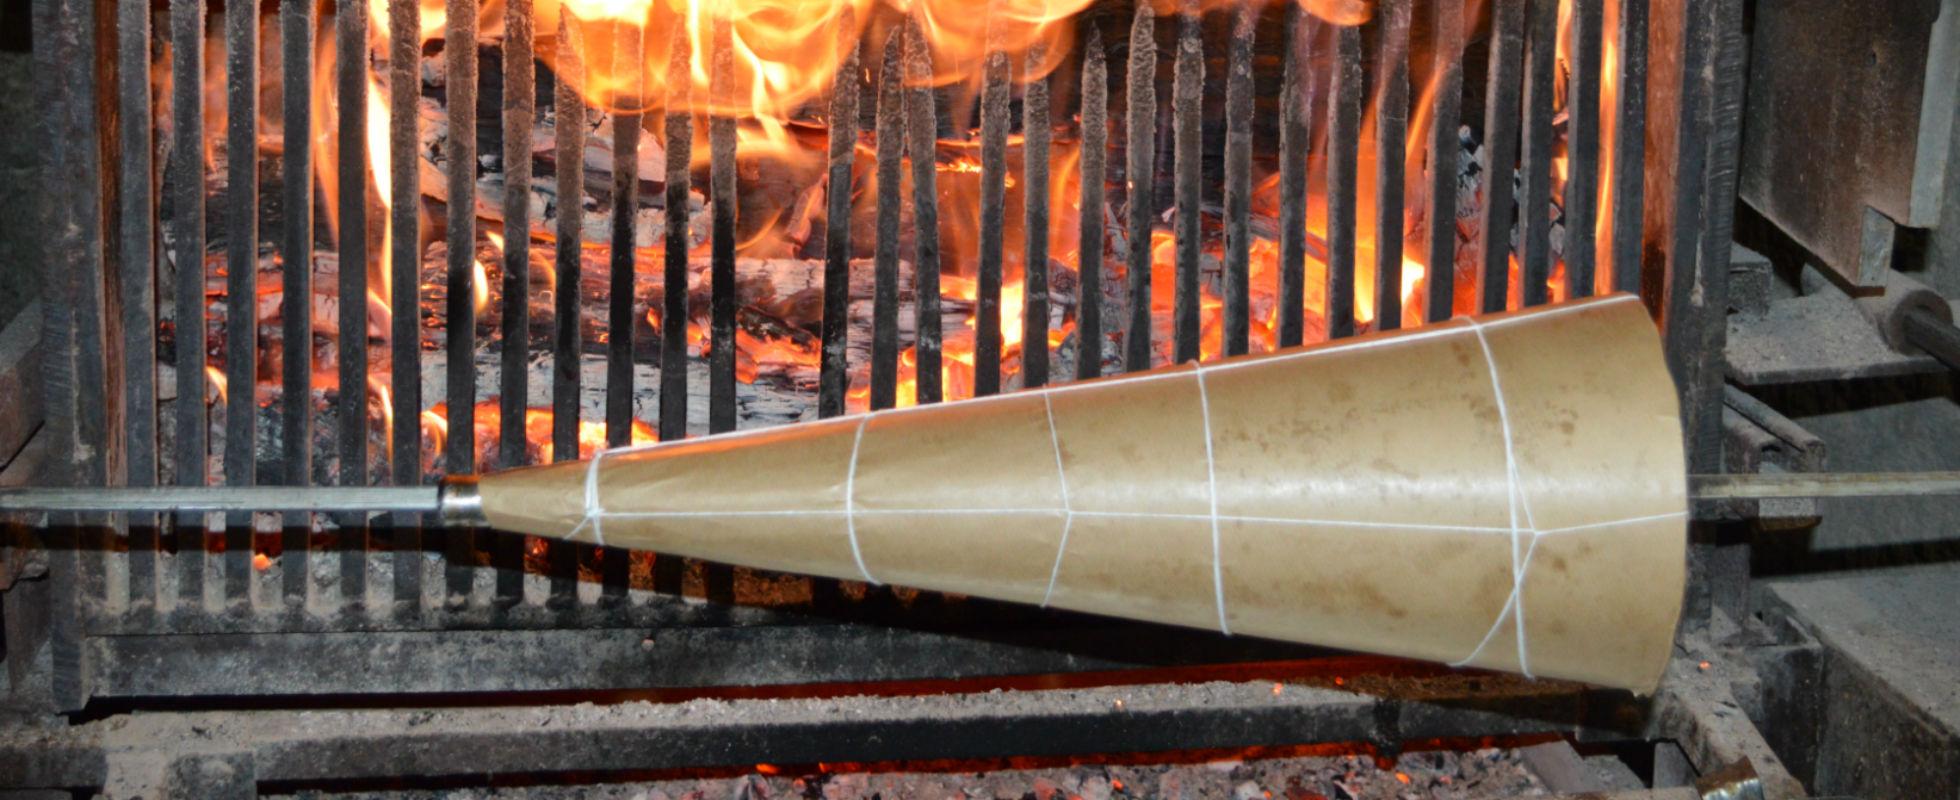 Faire chauffer le cone pour la réalisation du gâteau à la broche